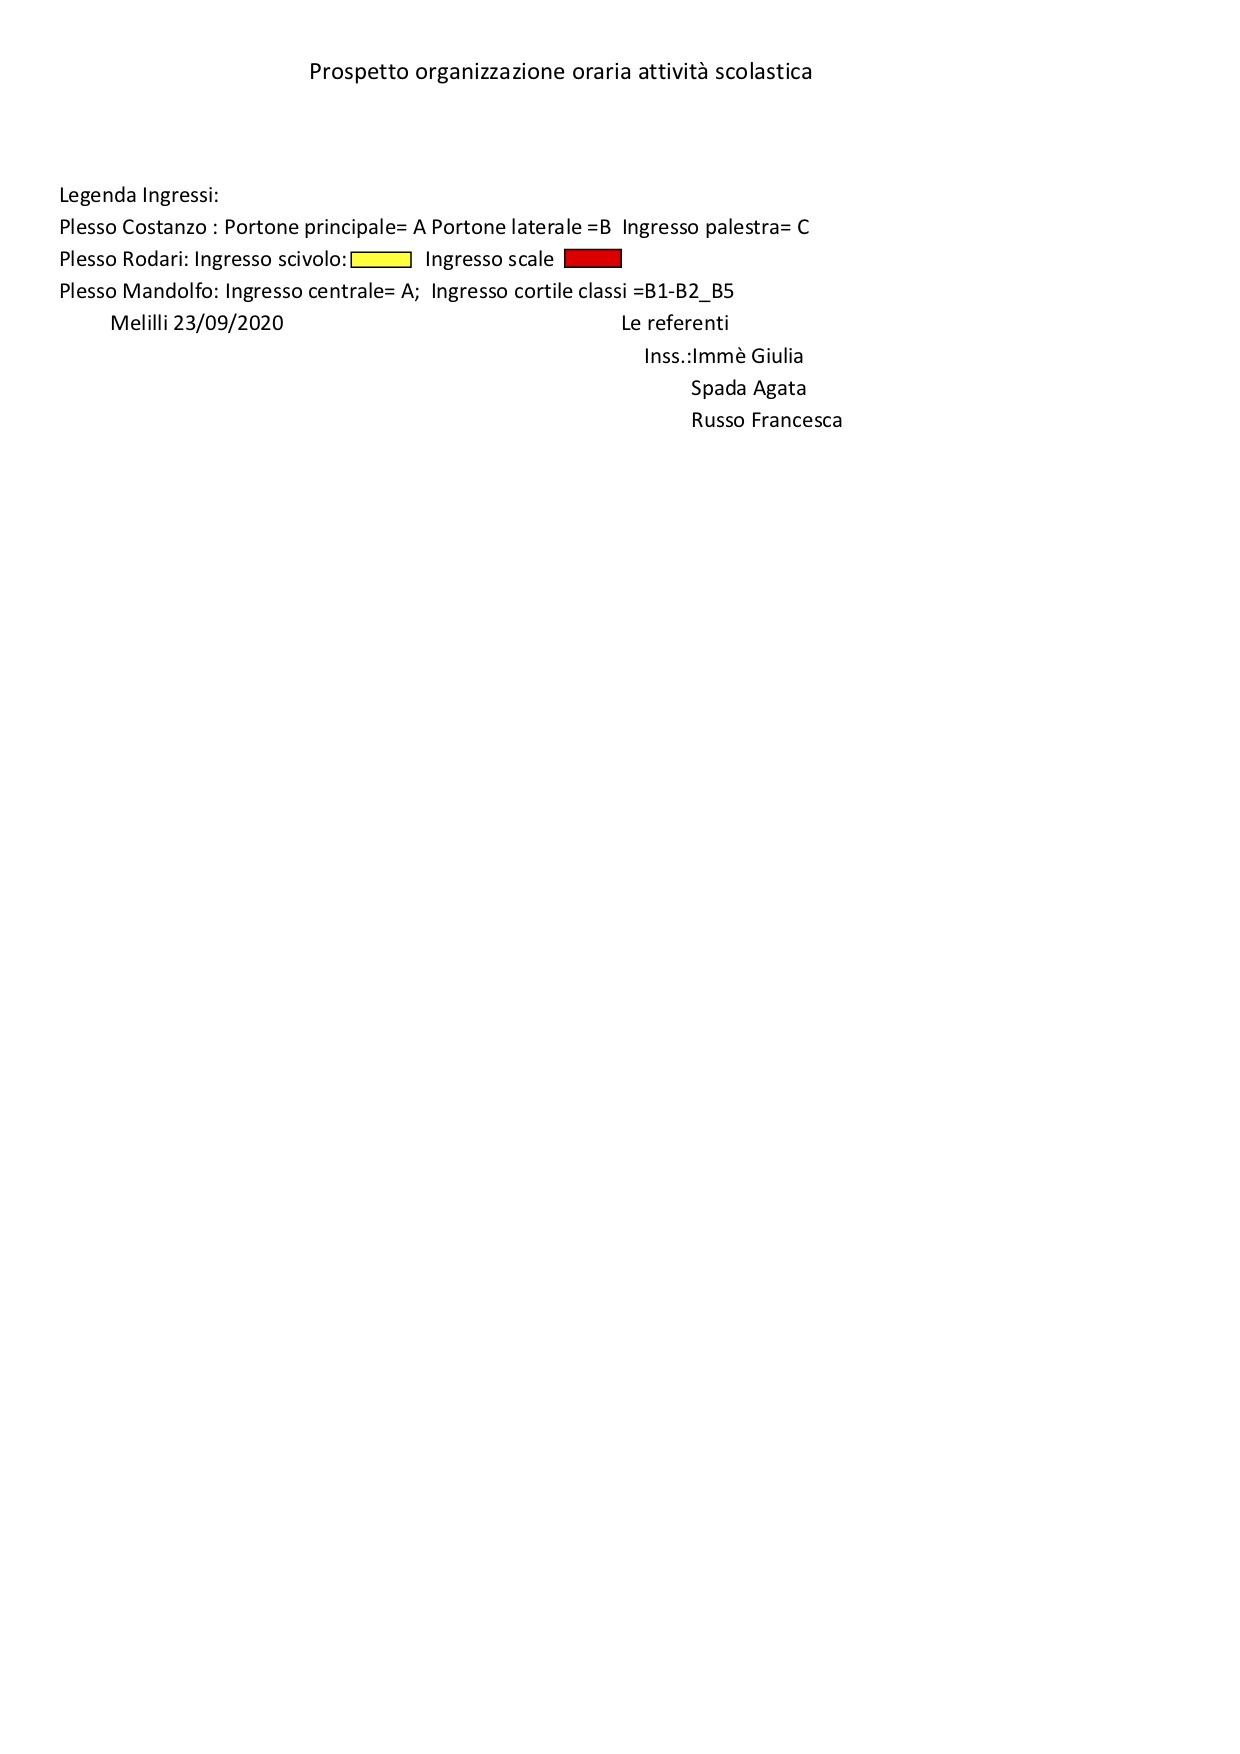 proposta oraria scuola primaria2.jpg